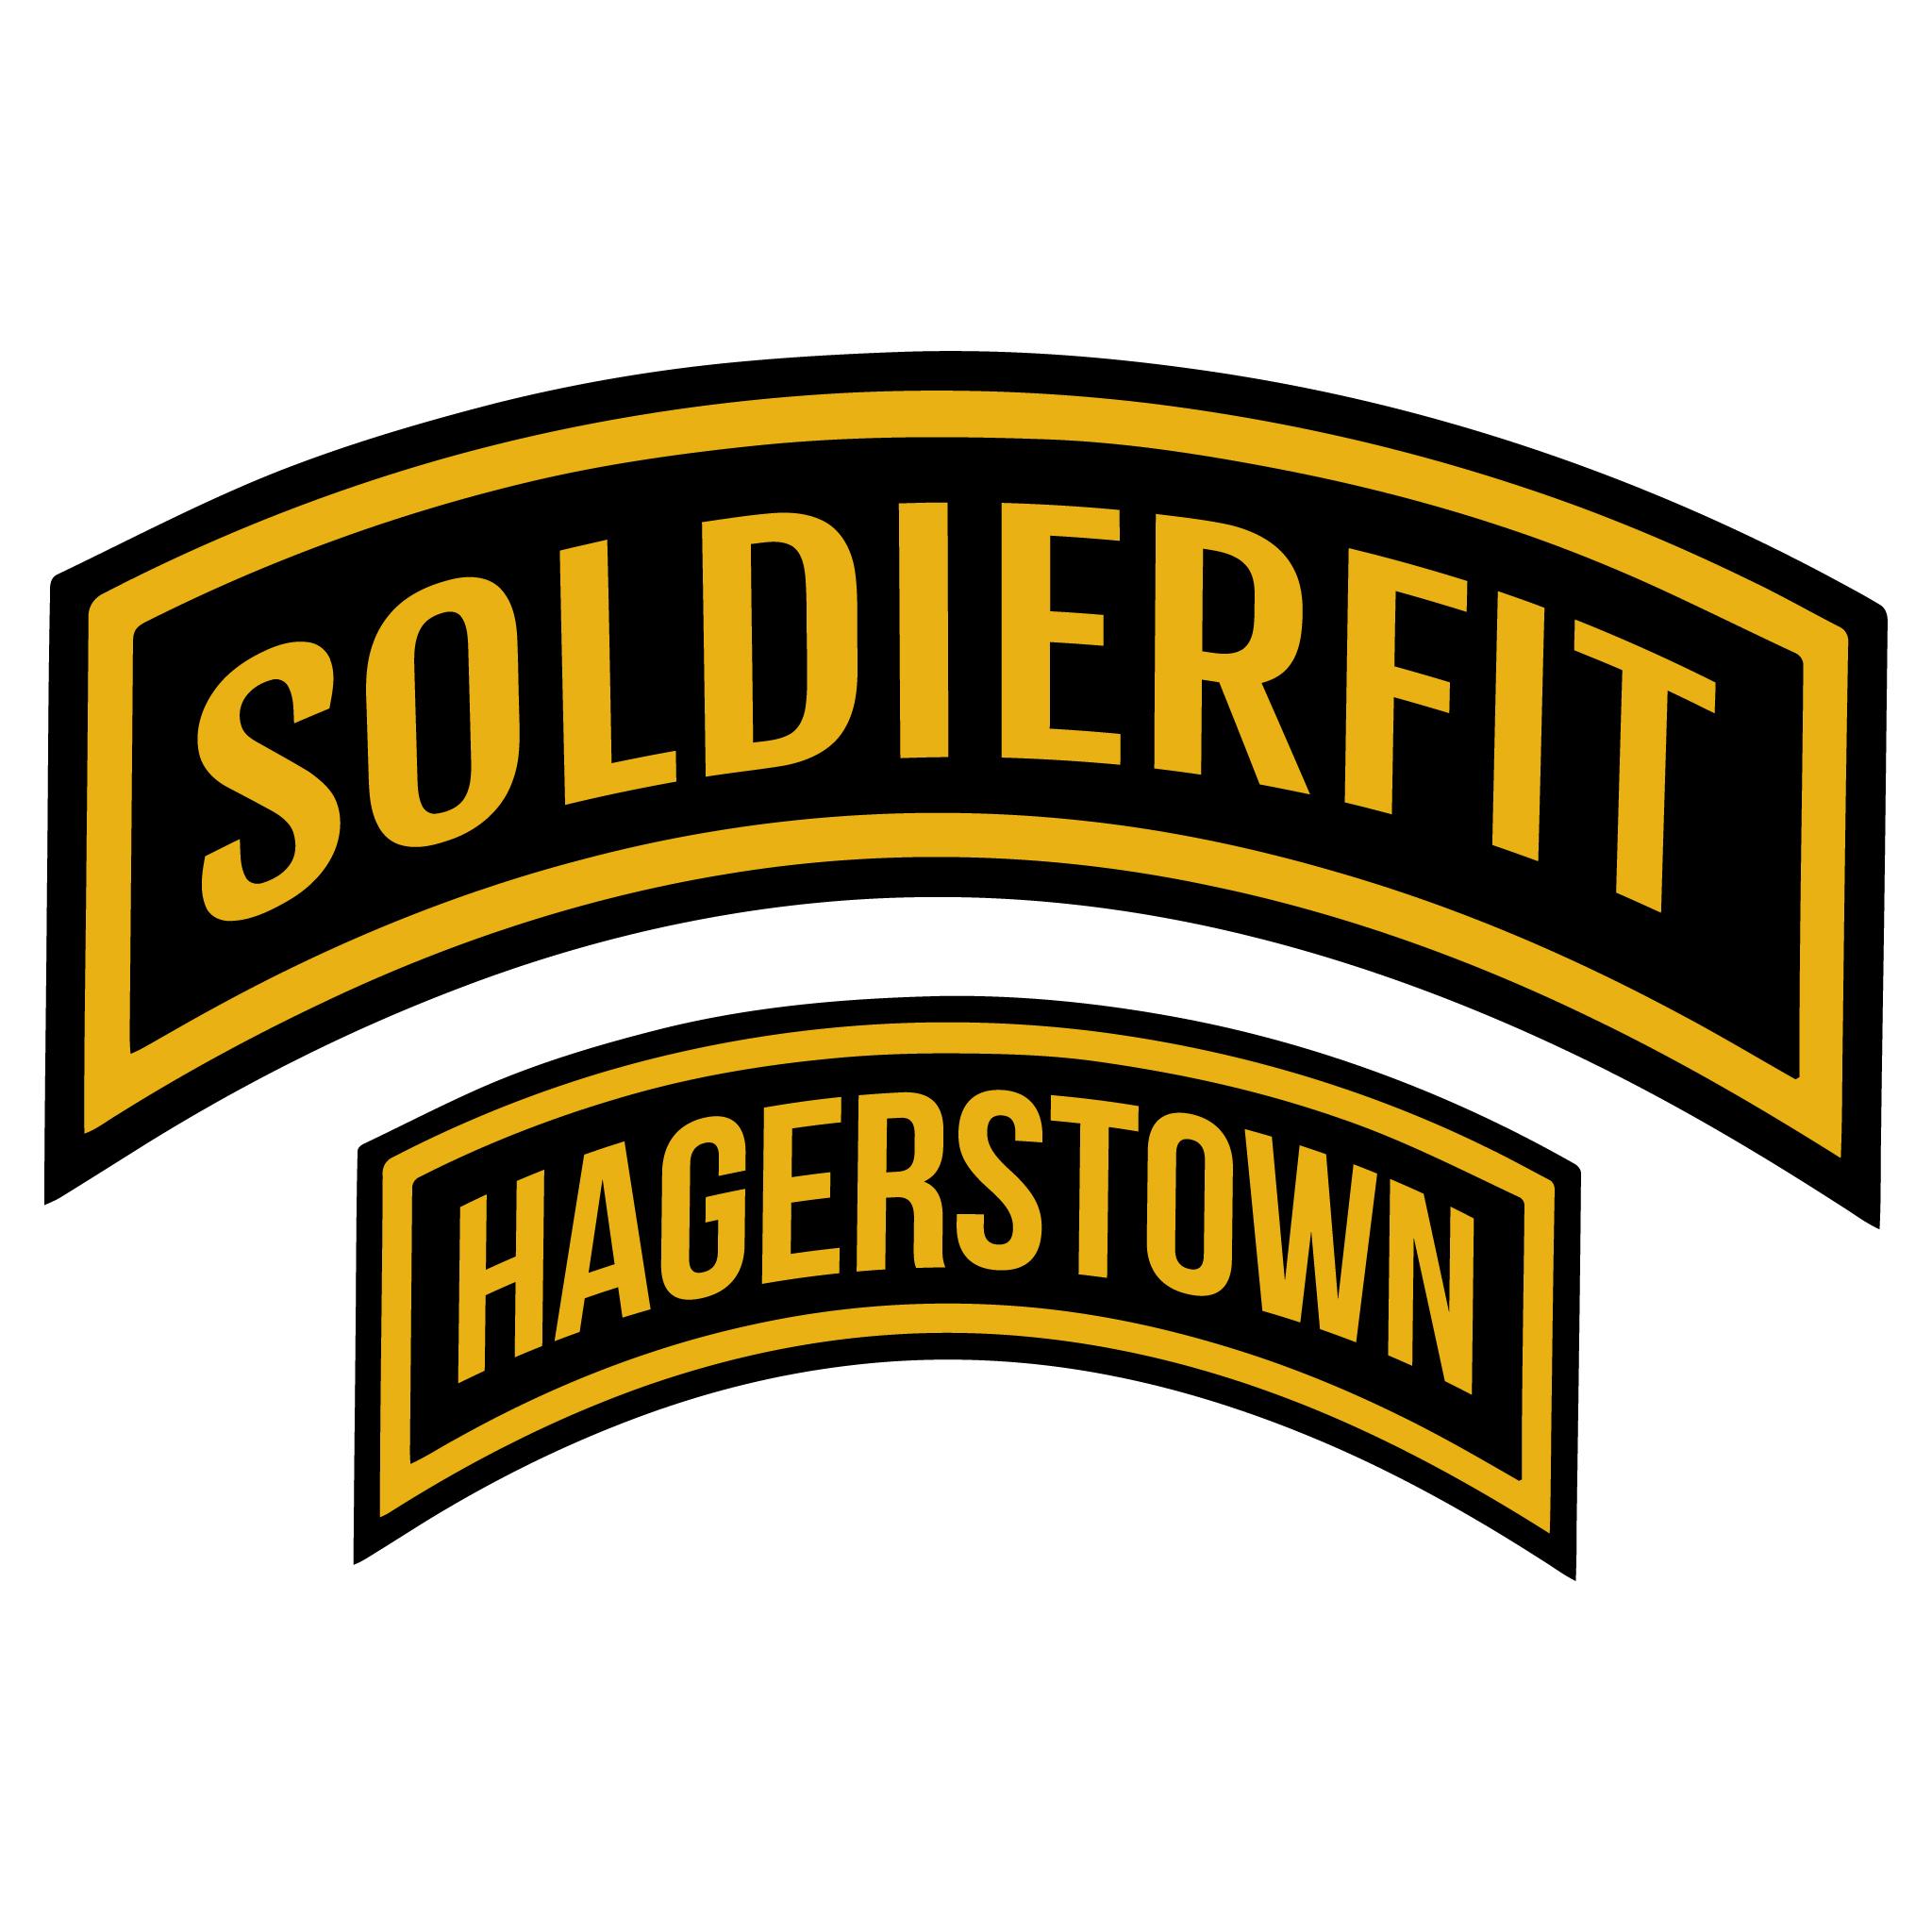 Hagerstown Logo